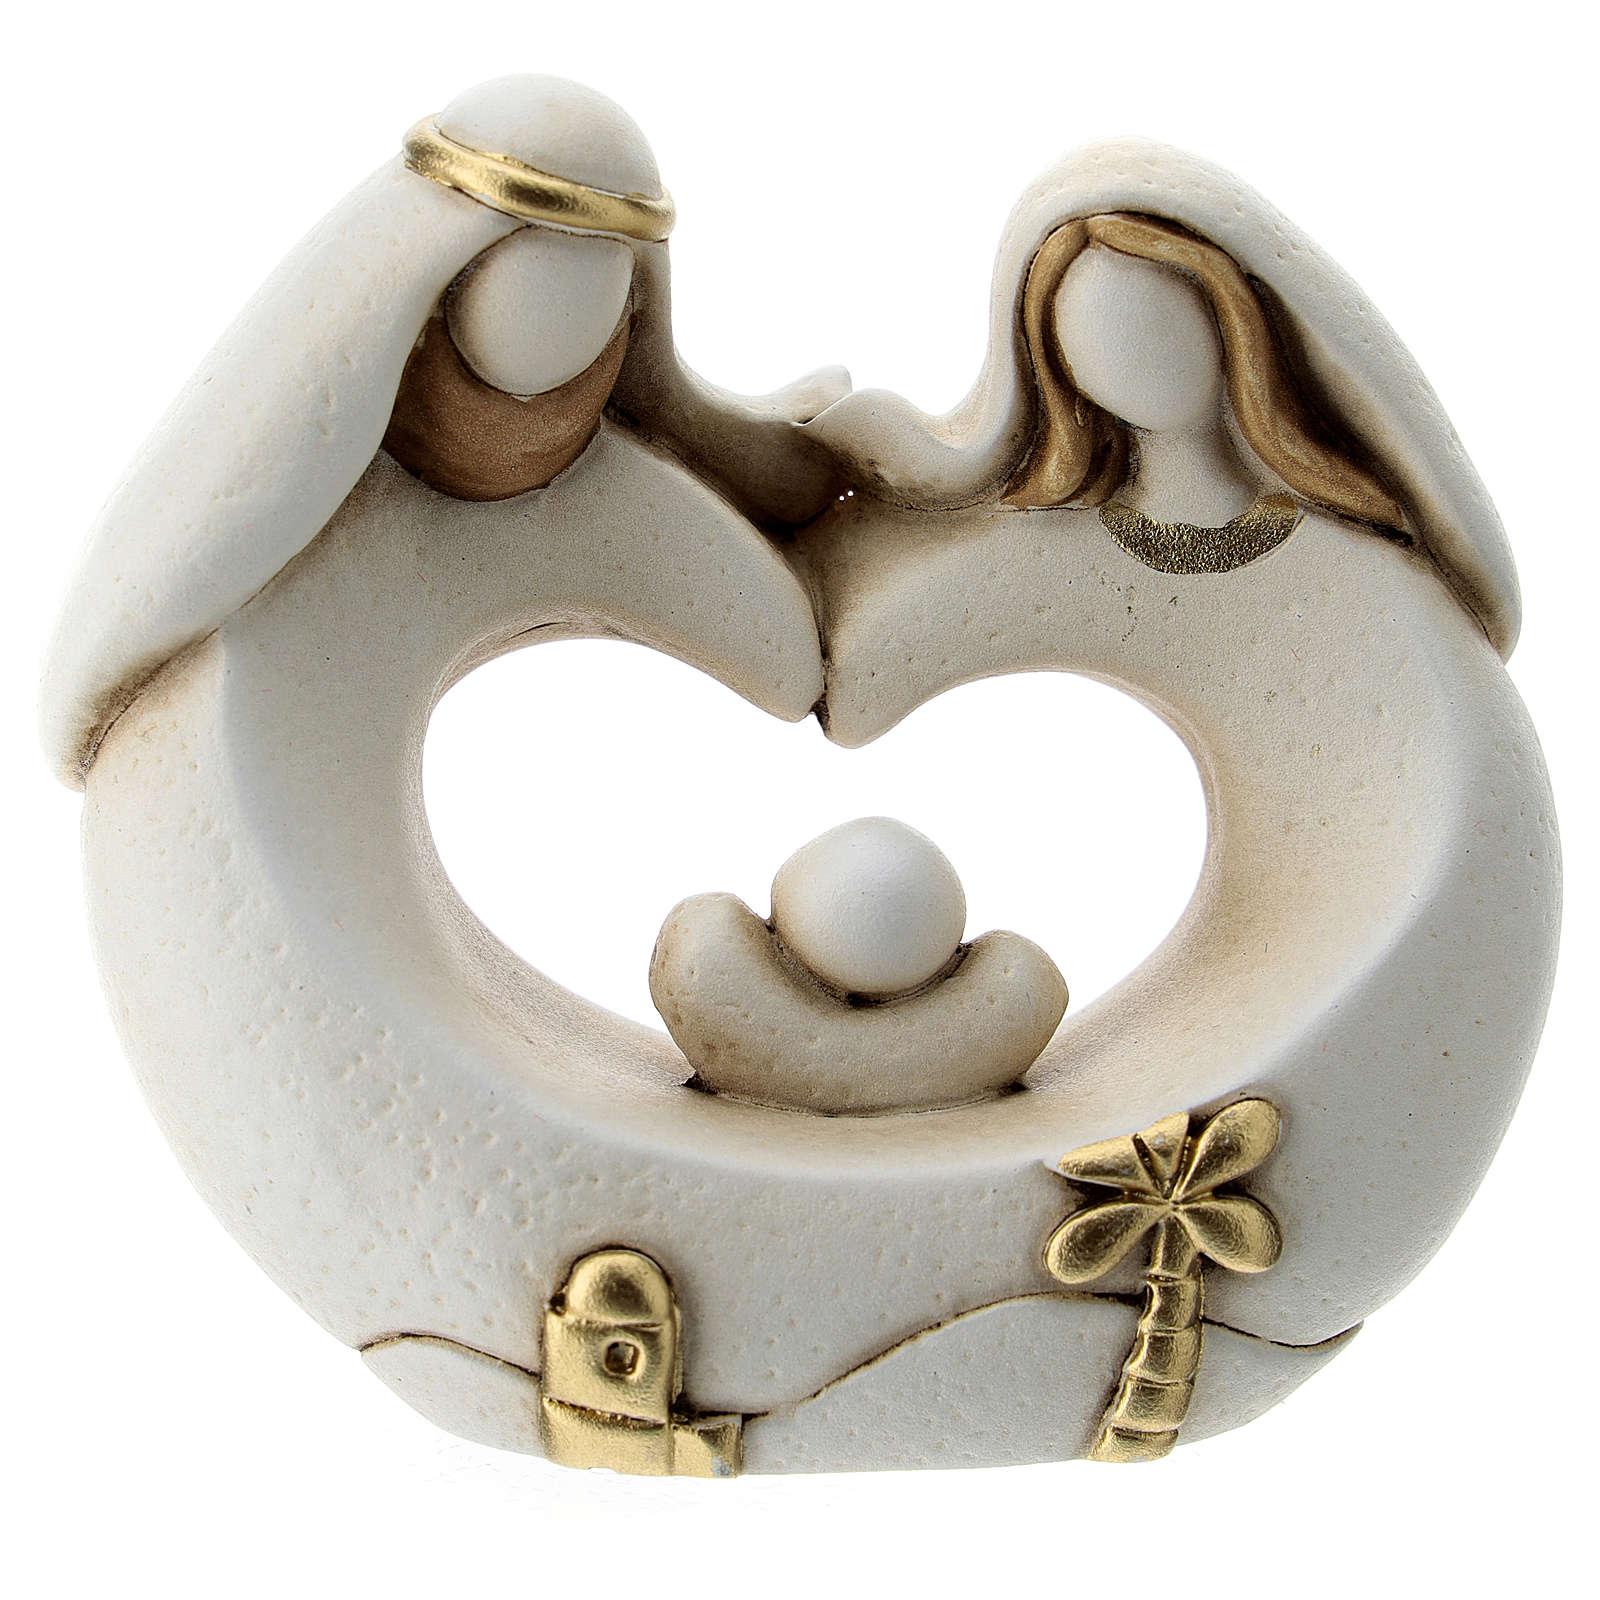 Sacra Famiglia stile arabo cuore resina 5 cm 3